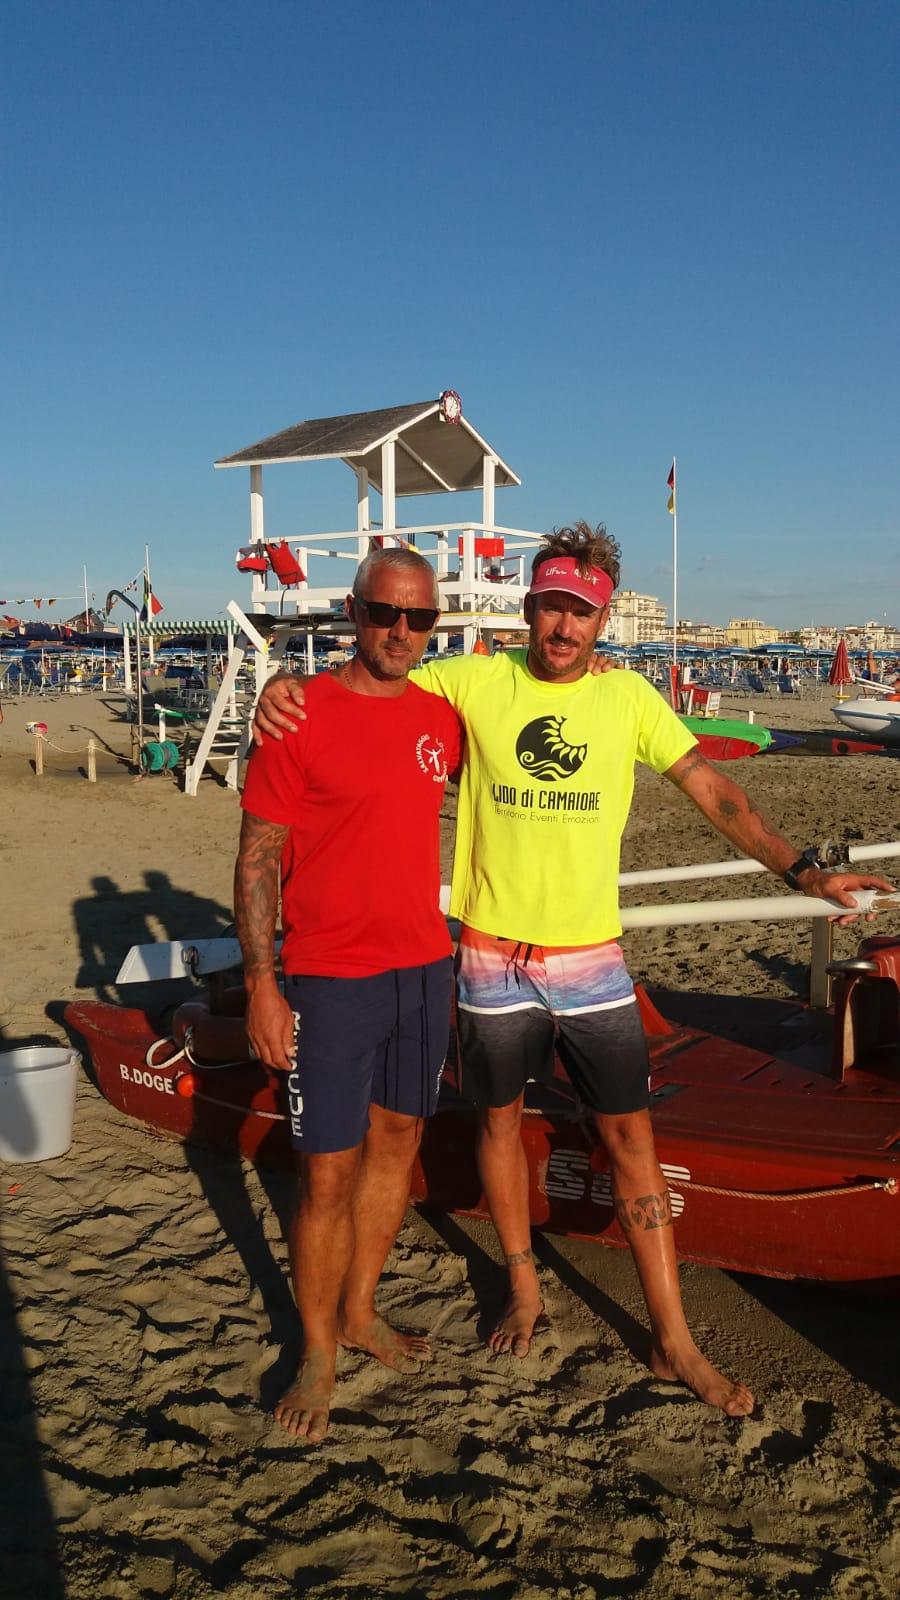 4 bagnanti in difficoltà in mare salvati dai bagnini Giuseppe Giannoni e Daniele Battisti